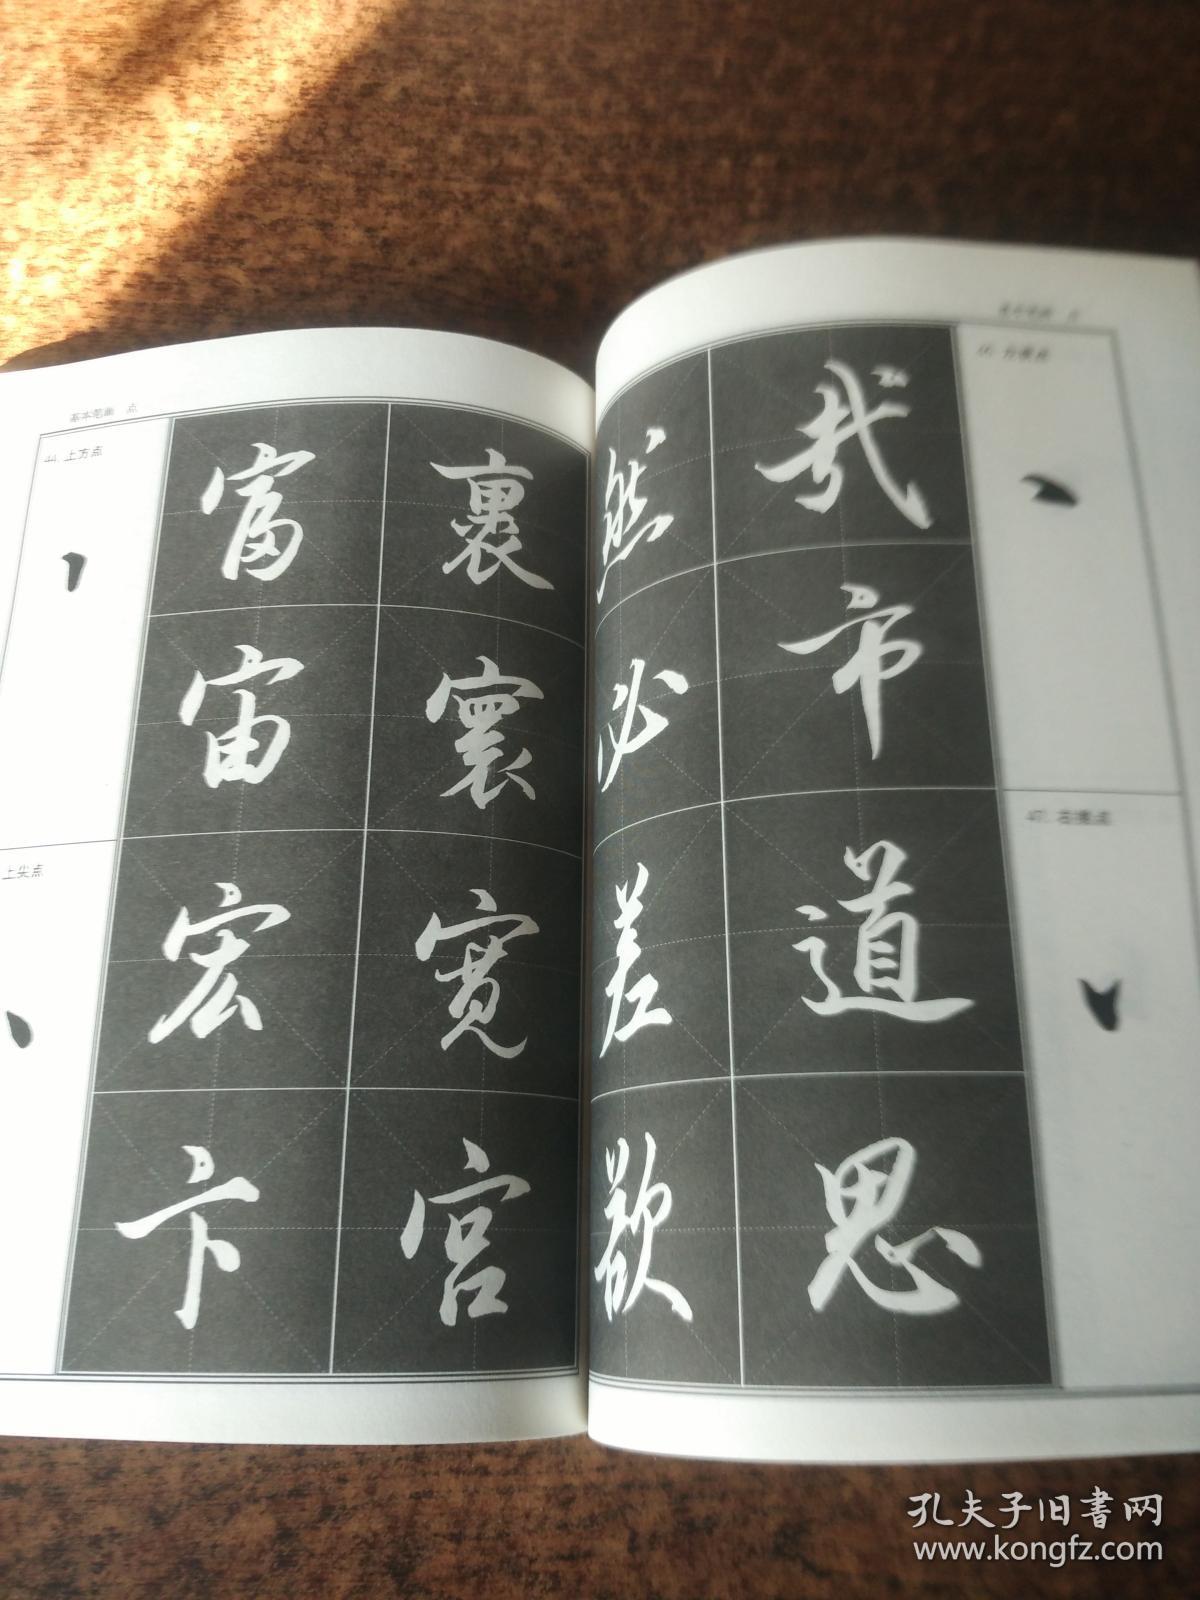 楷书基本笔法二百法 行书基本笔法二百法 楷书间架结构二百法 行书间